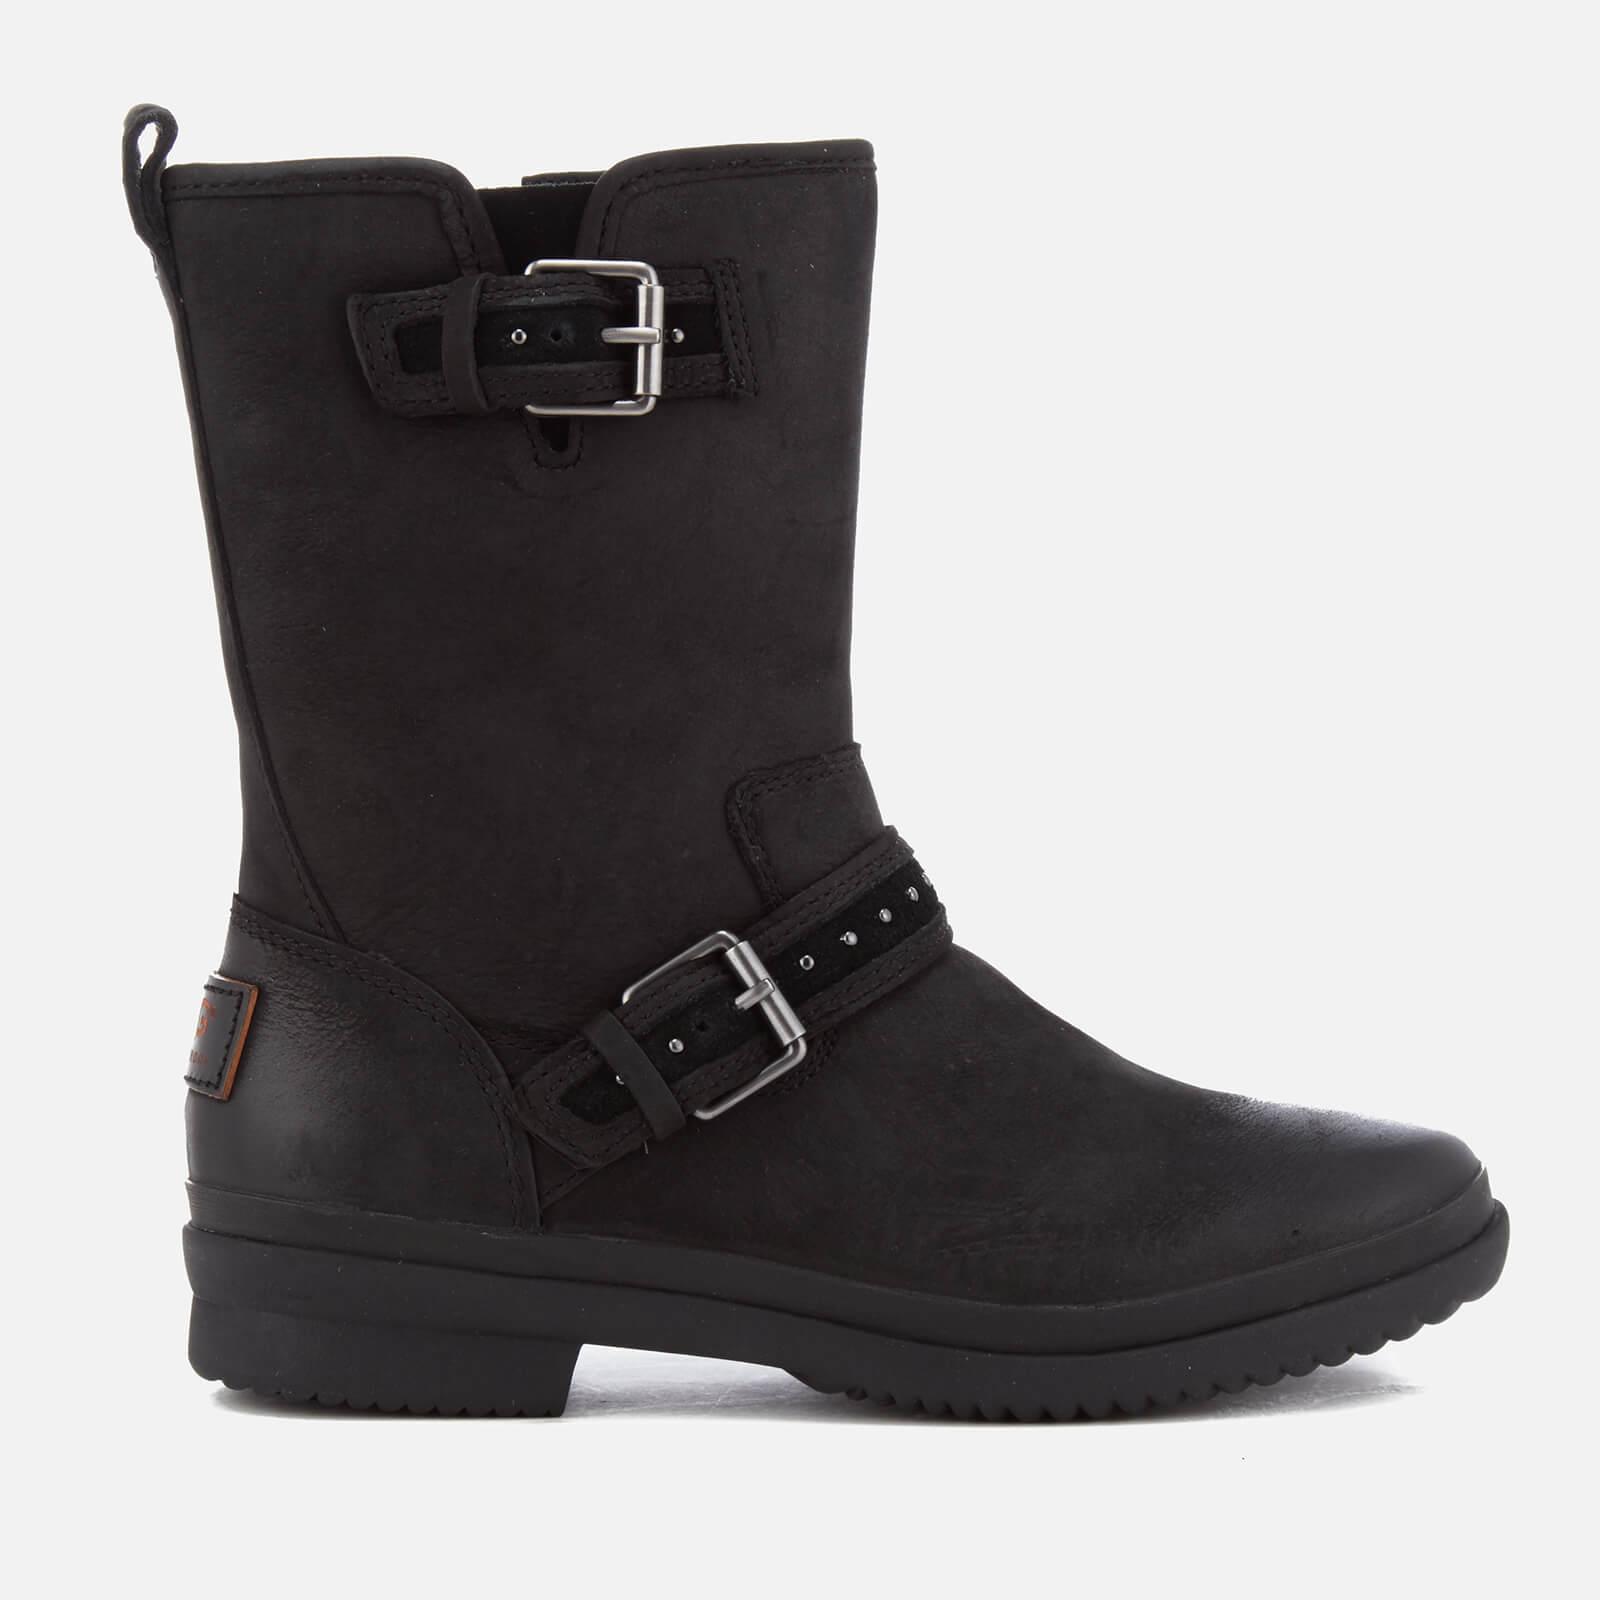 22cbf72eb5c UGG Women's Jenise Waterproof Leather Biker Boots - Black